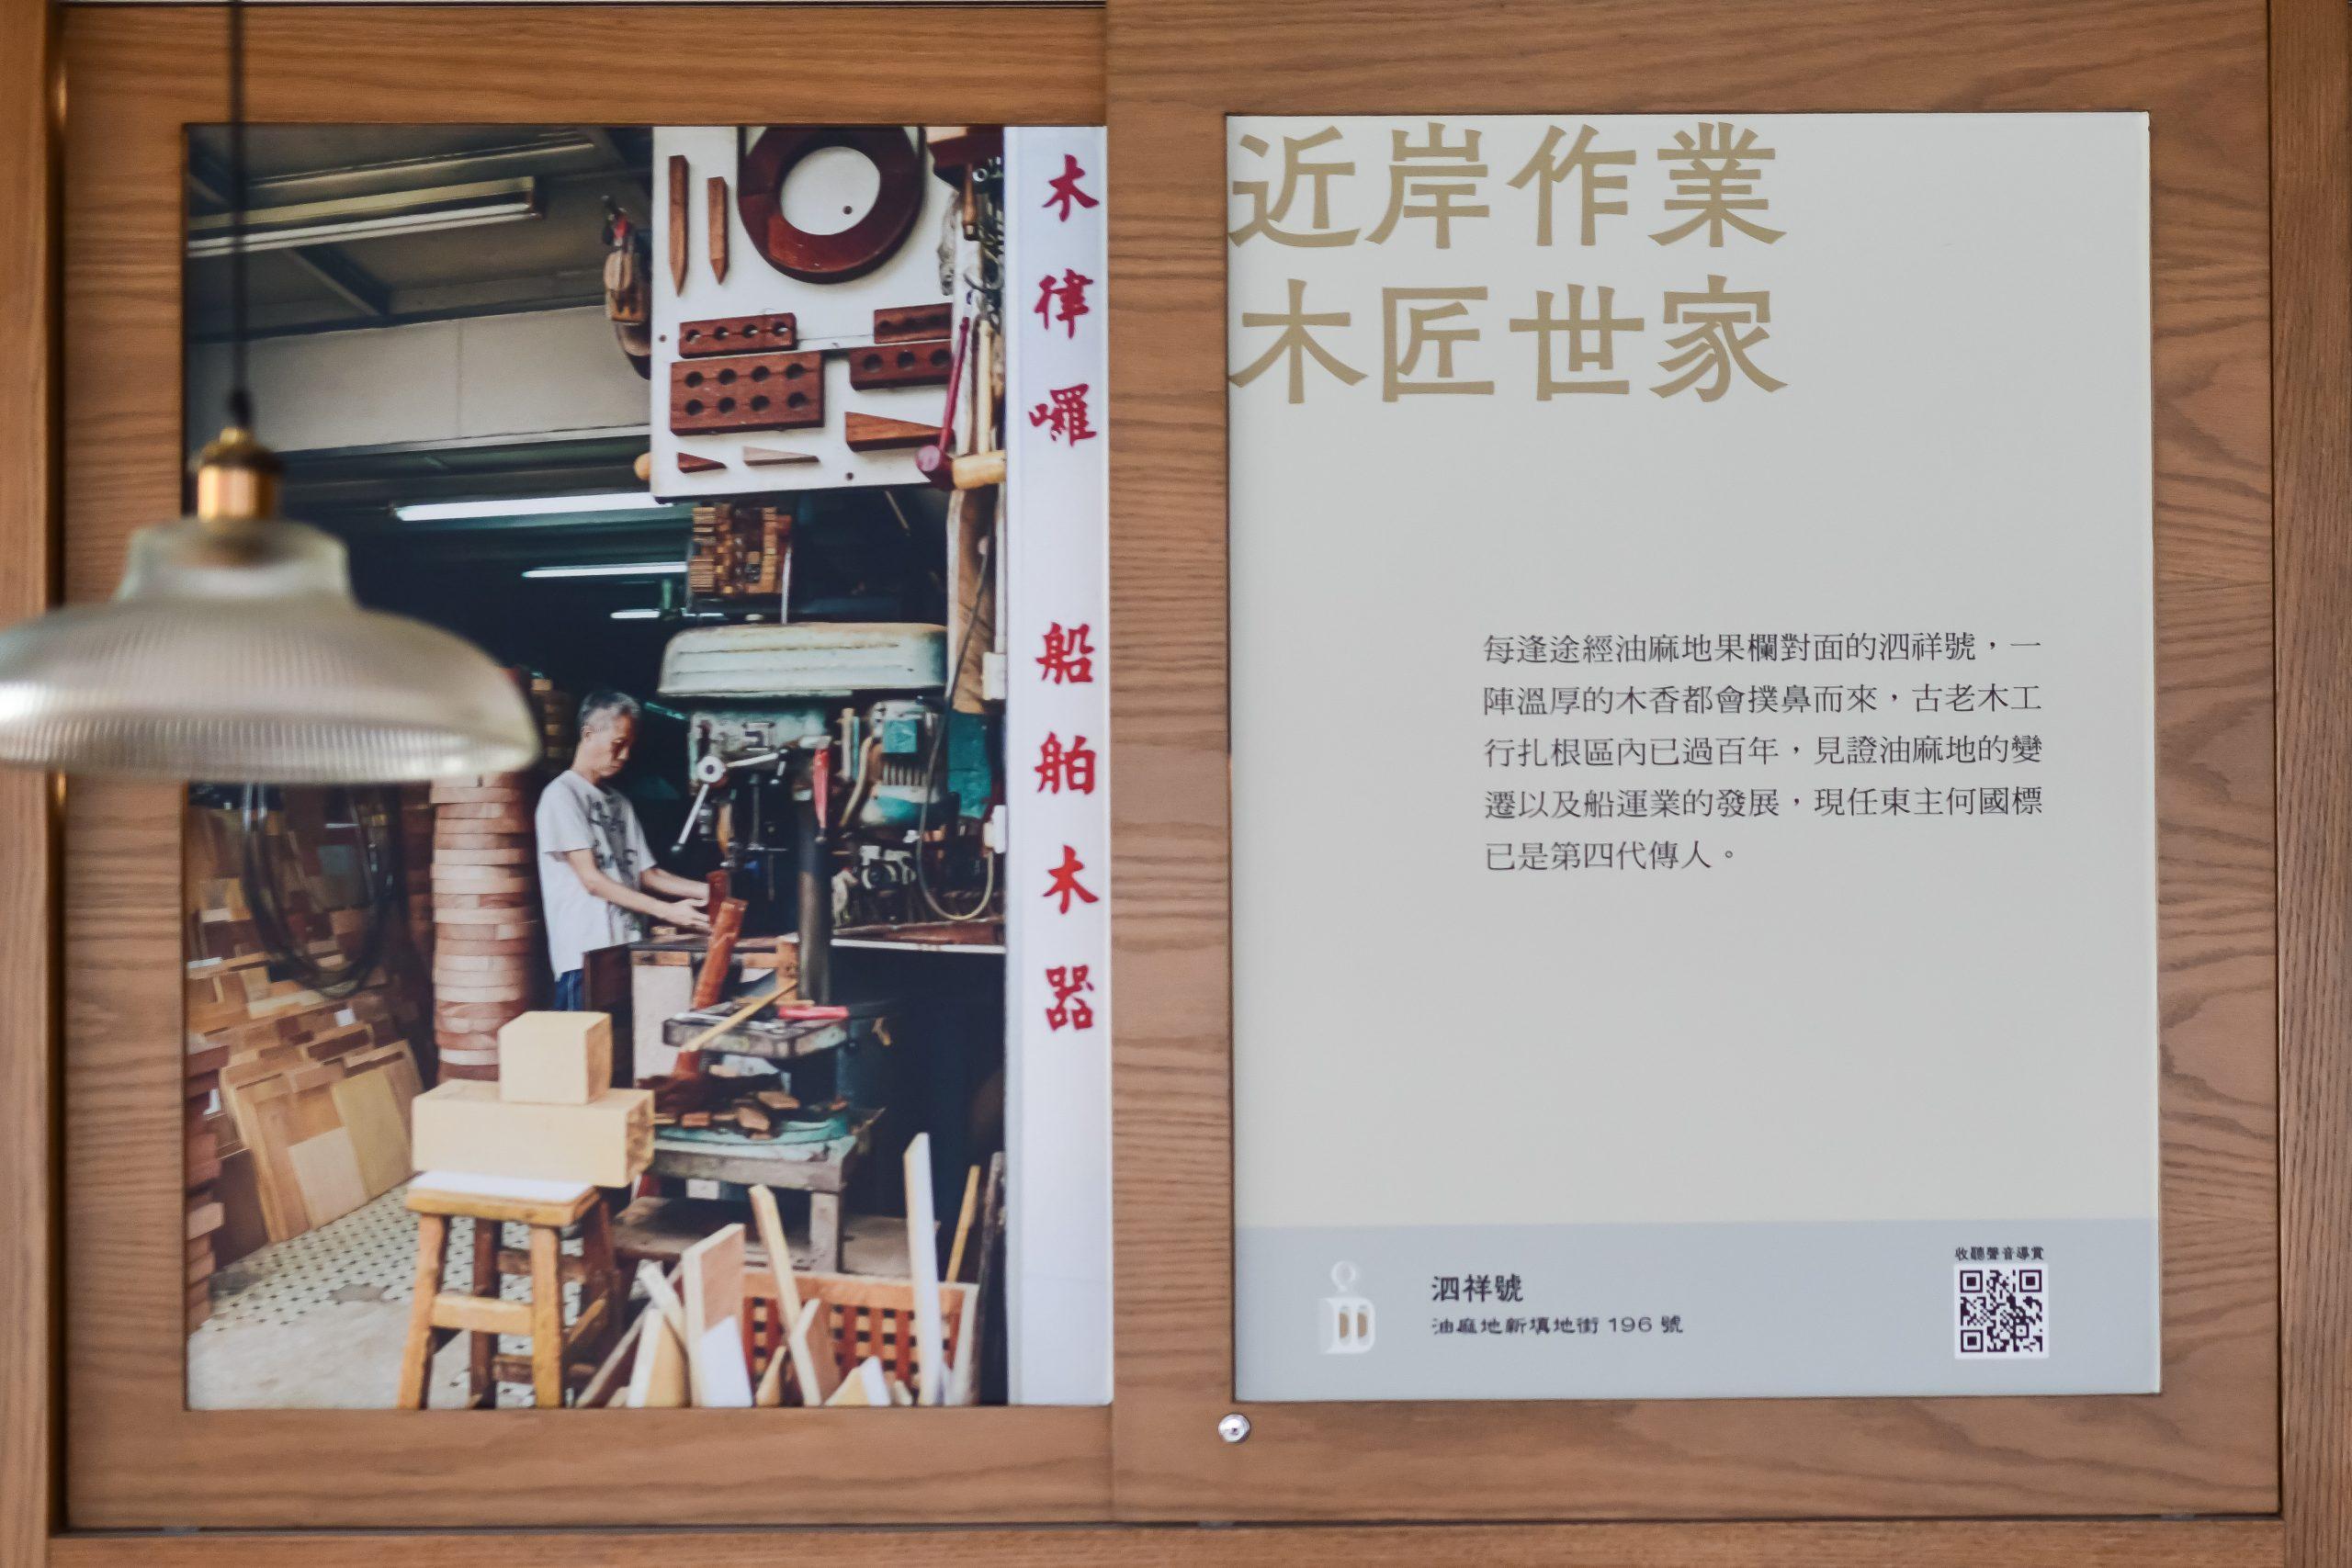 老香港設計展覽 香港遺美 阿銀冰室 歷史 老店 攝影展 聲音導賞